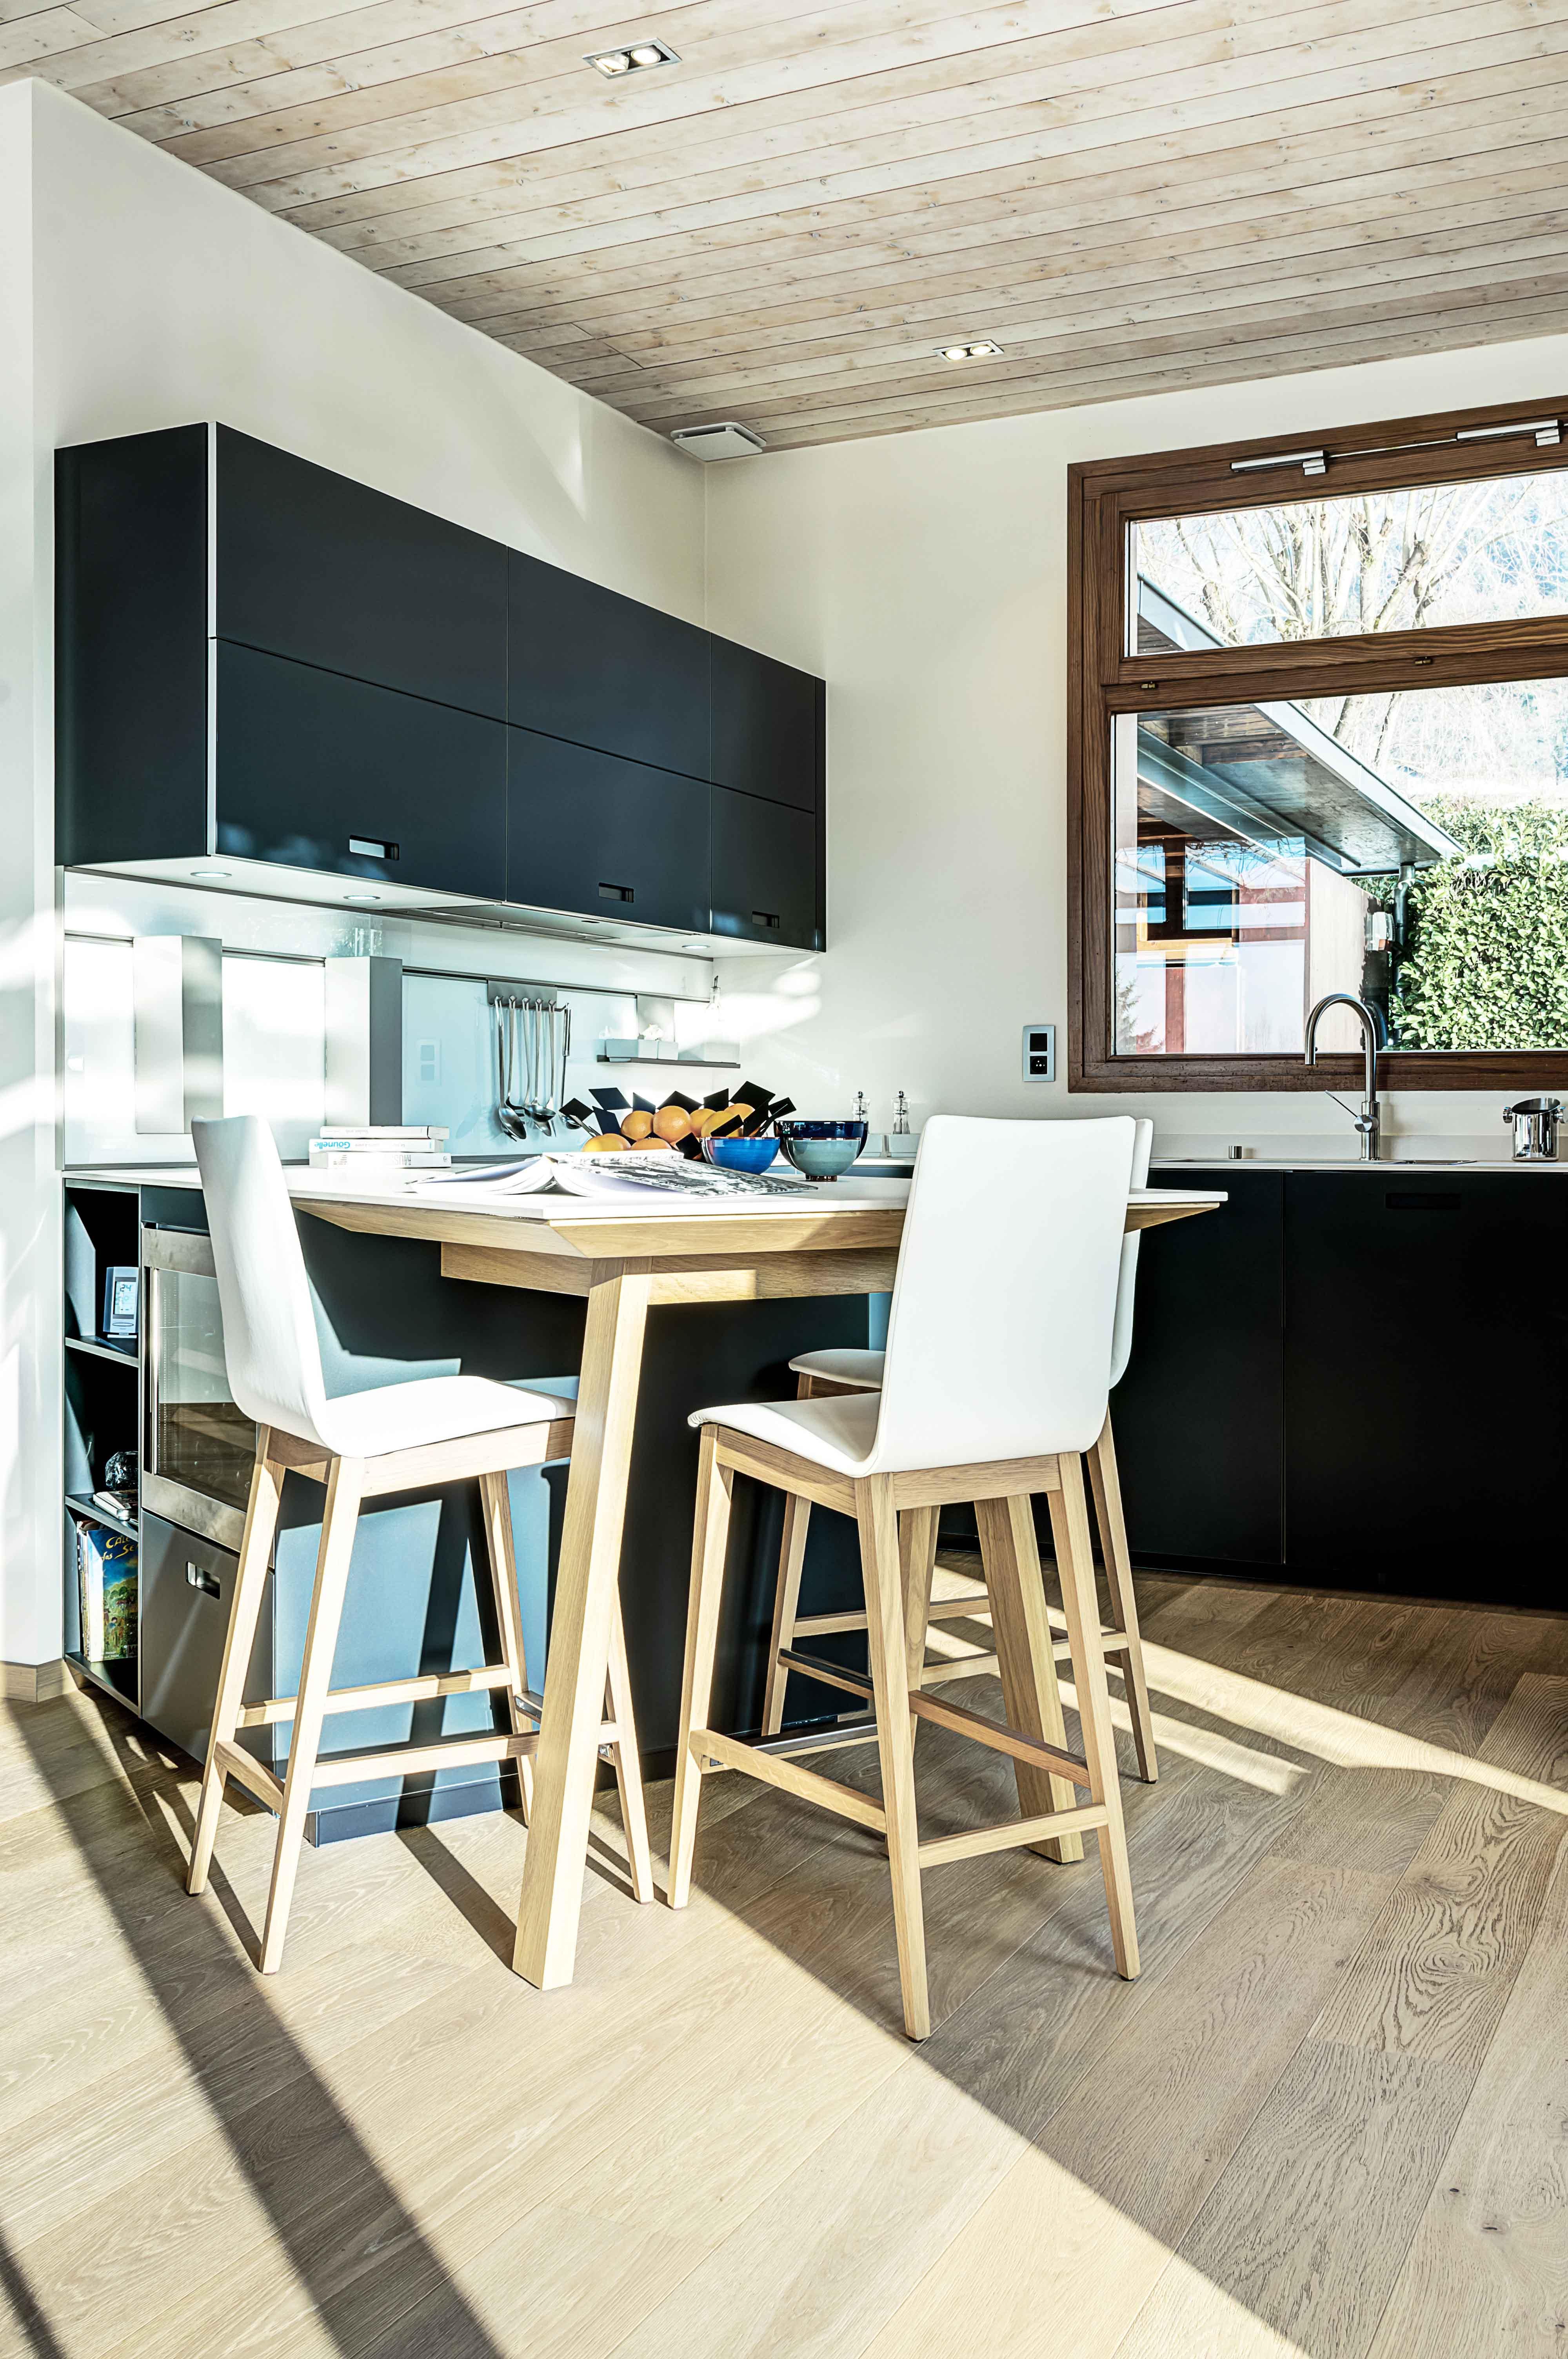 belle réalisation de pose de cuisine lumineuse et épurée intégrée aménagée avec ameublement moderne